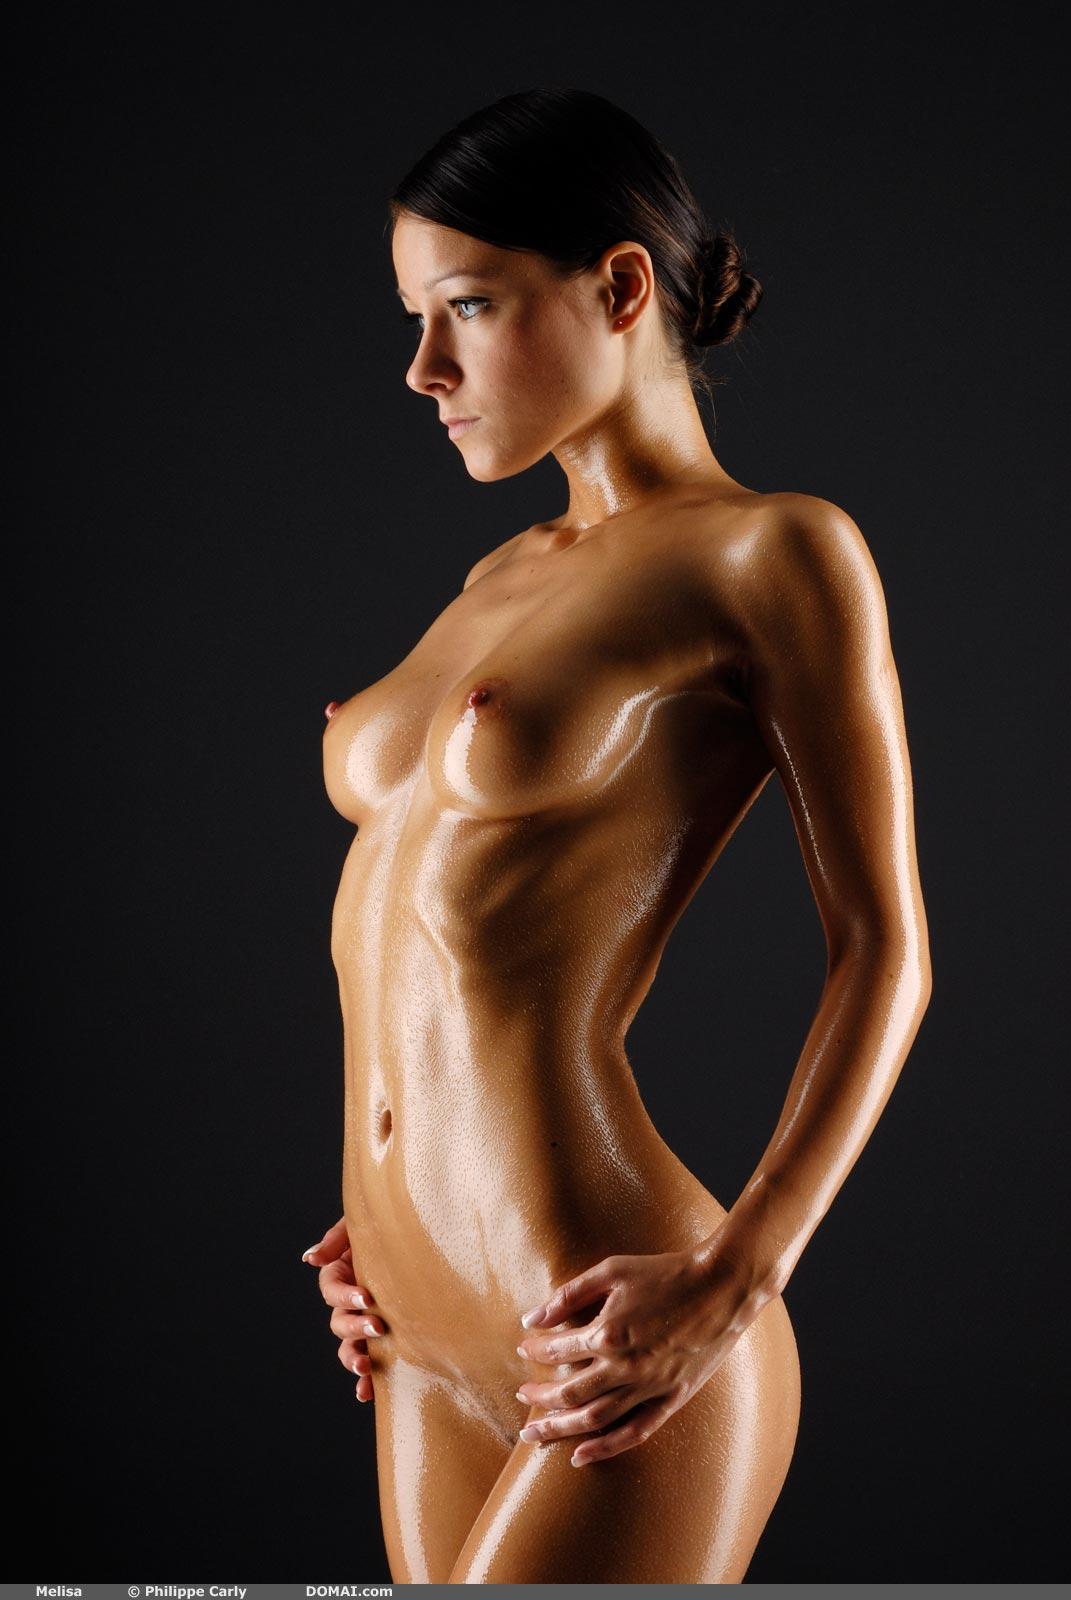 блек высококачественные фотки с голыми девушками в масле вот